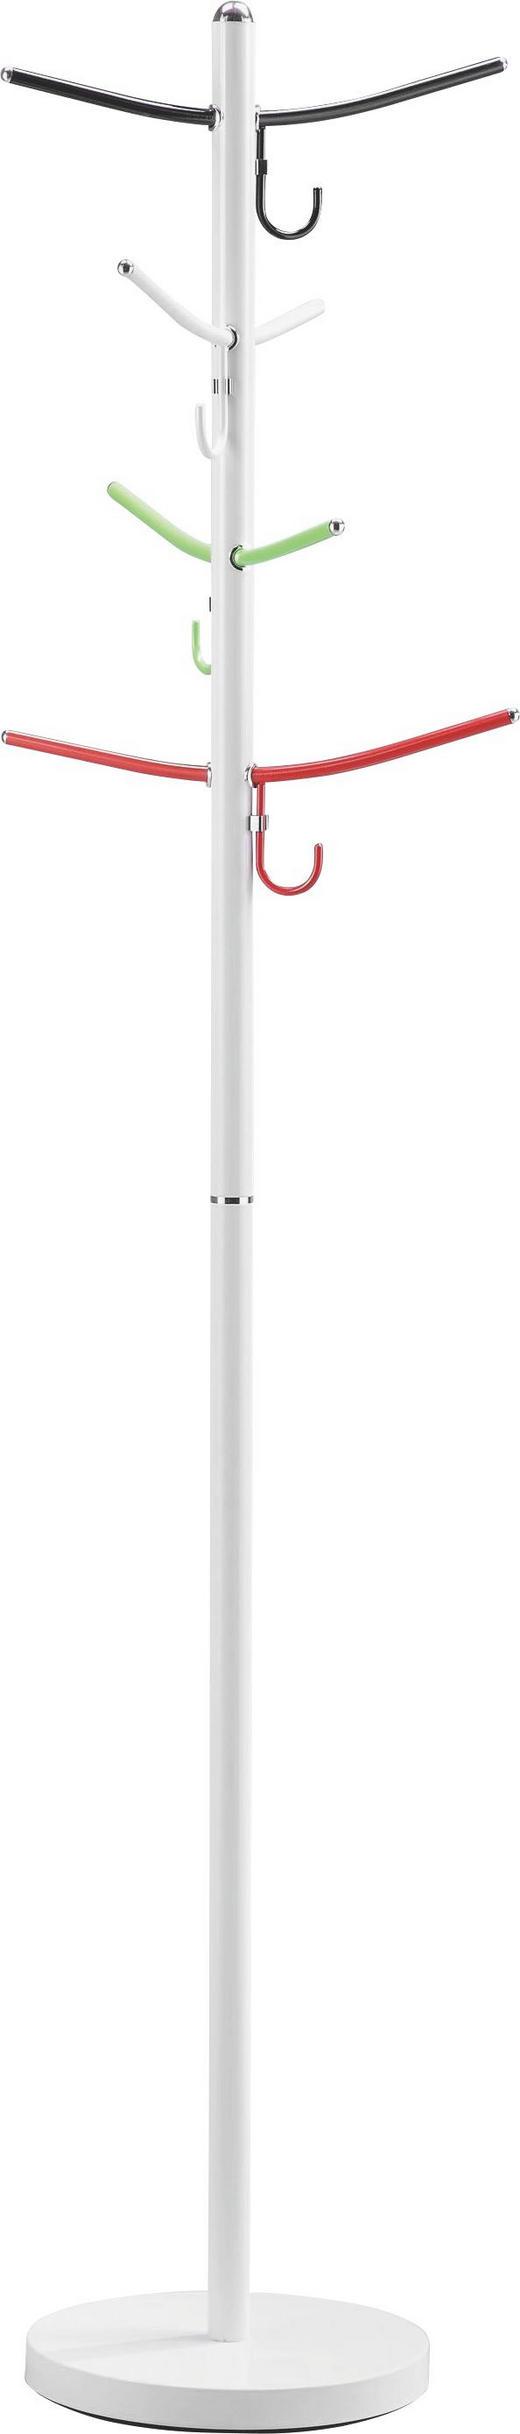 KLEIDERSTÄNDER Grün, Rot, Schwarz, Weiß - Rot/Schwarz, Design, Metall (30,5/178cm) - Carryhome